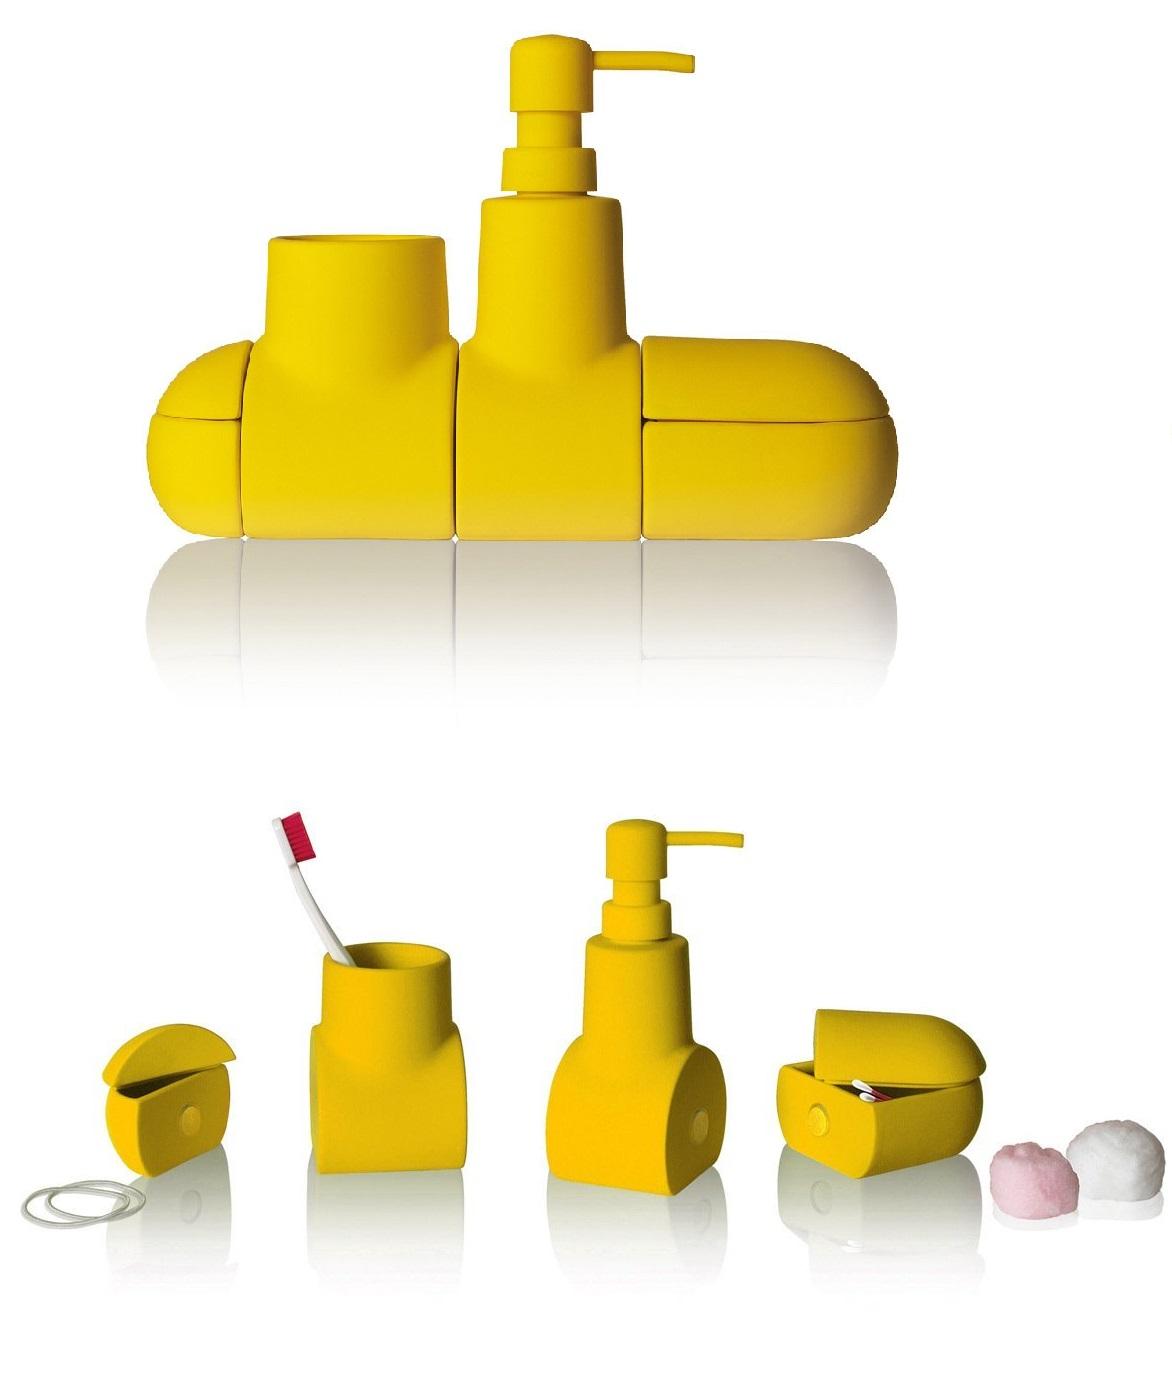 Amazon seletti submarino set accessori bagno in porcellana gommata cm 25 5x7 h 17 5 - Amazon accessori bagno ...